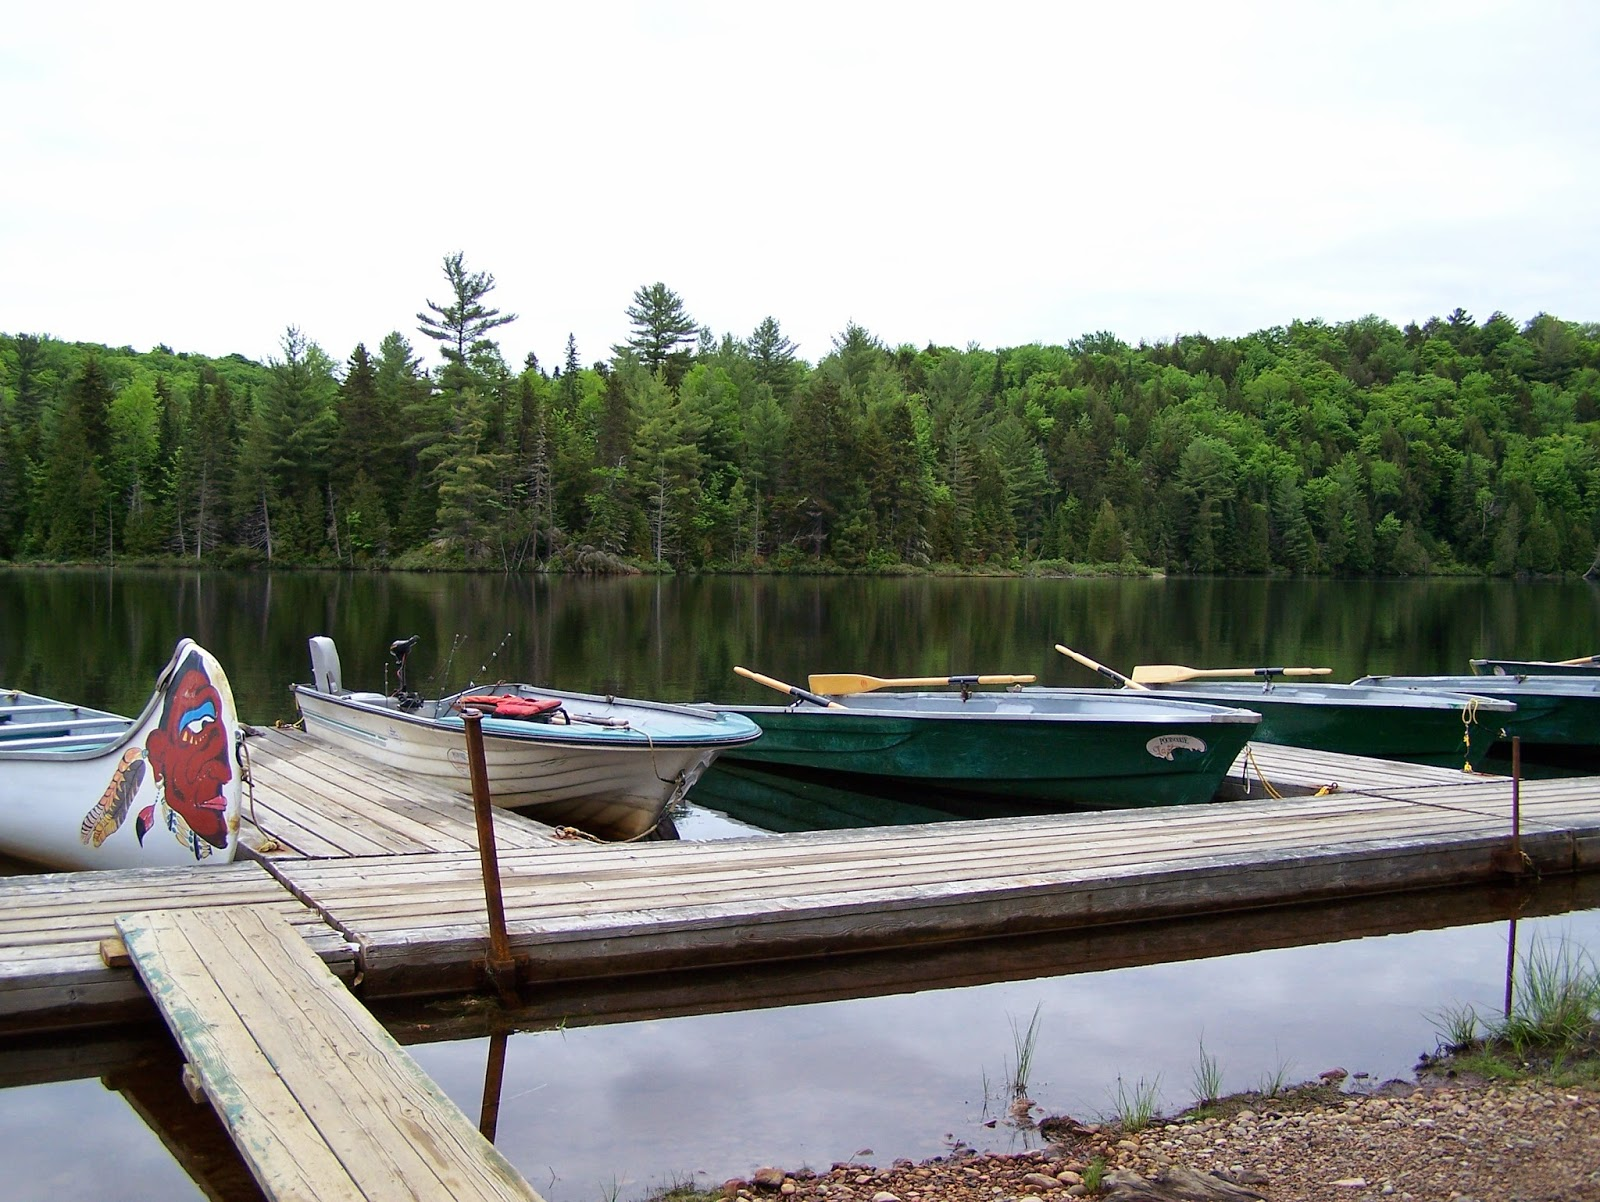 Daniel Lefaivre, pêche à la truite au Québec, Pêche en Mauricie, Blogue sur la pêche au Québec